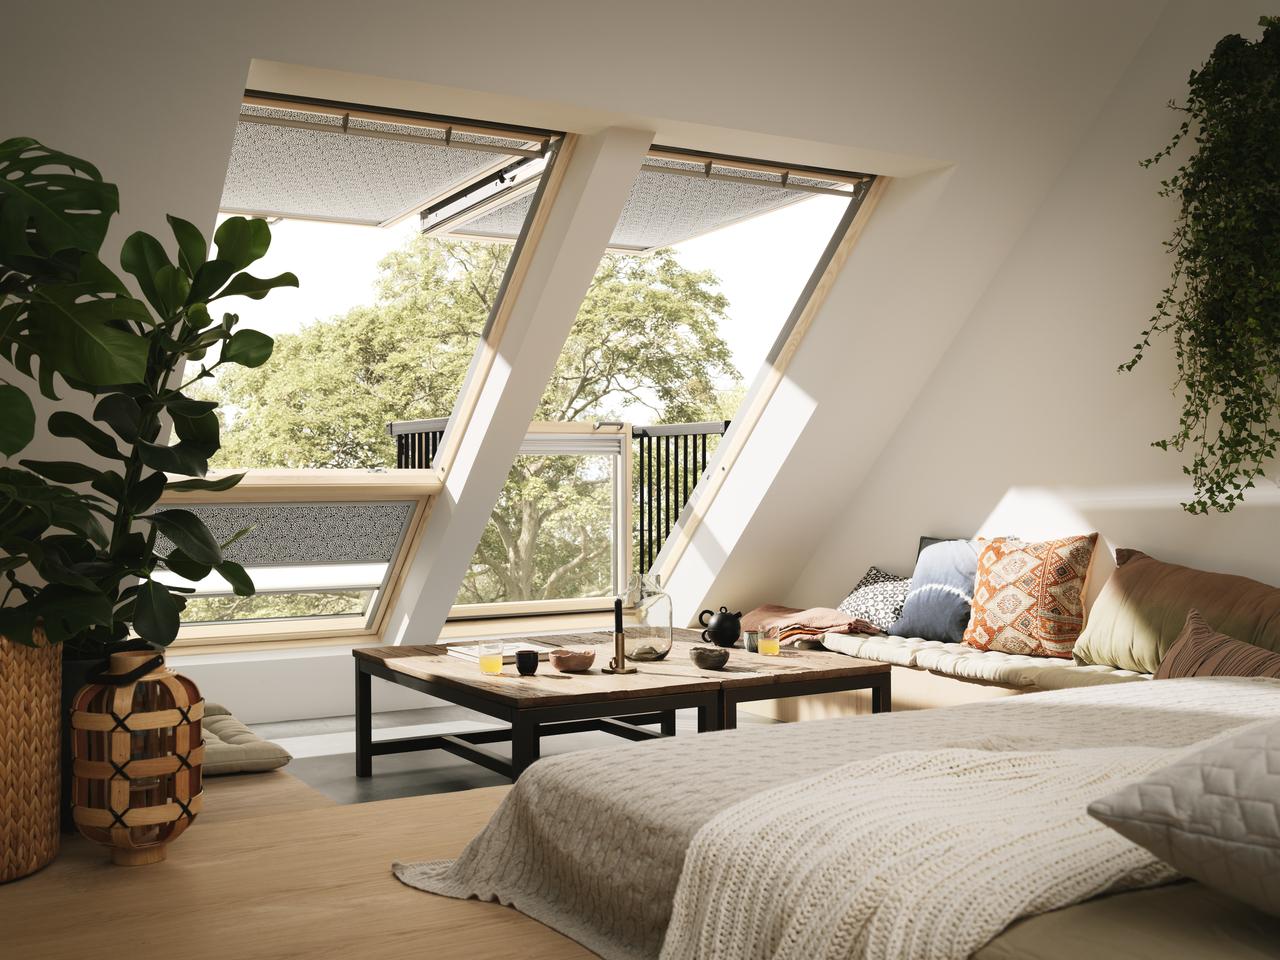 Finestre per tetti velux nuova ocim srl for Finestre per tetto